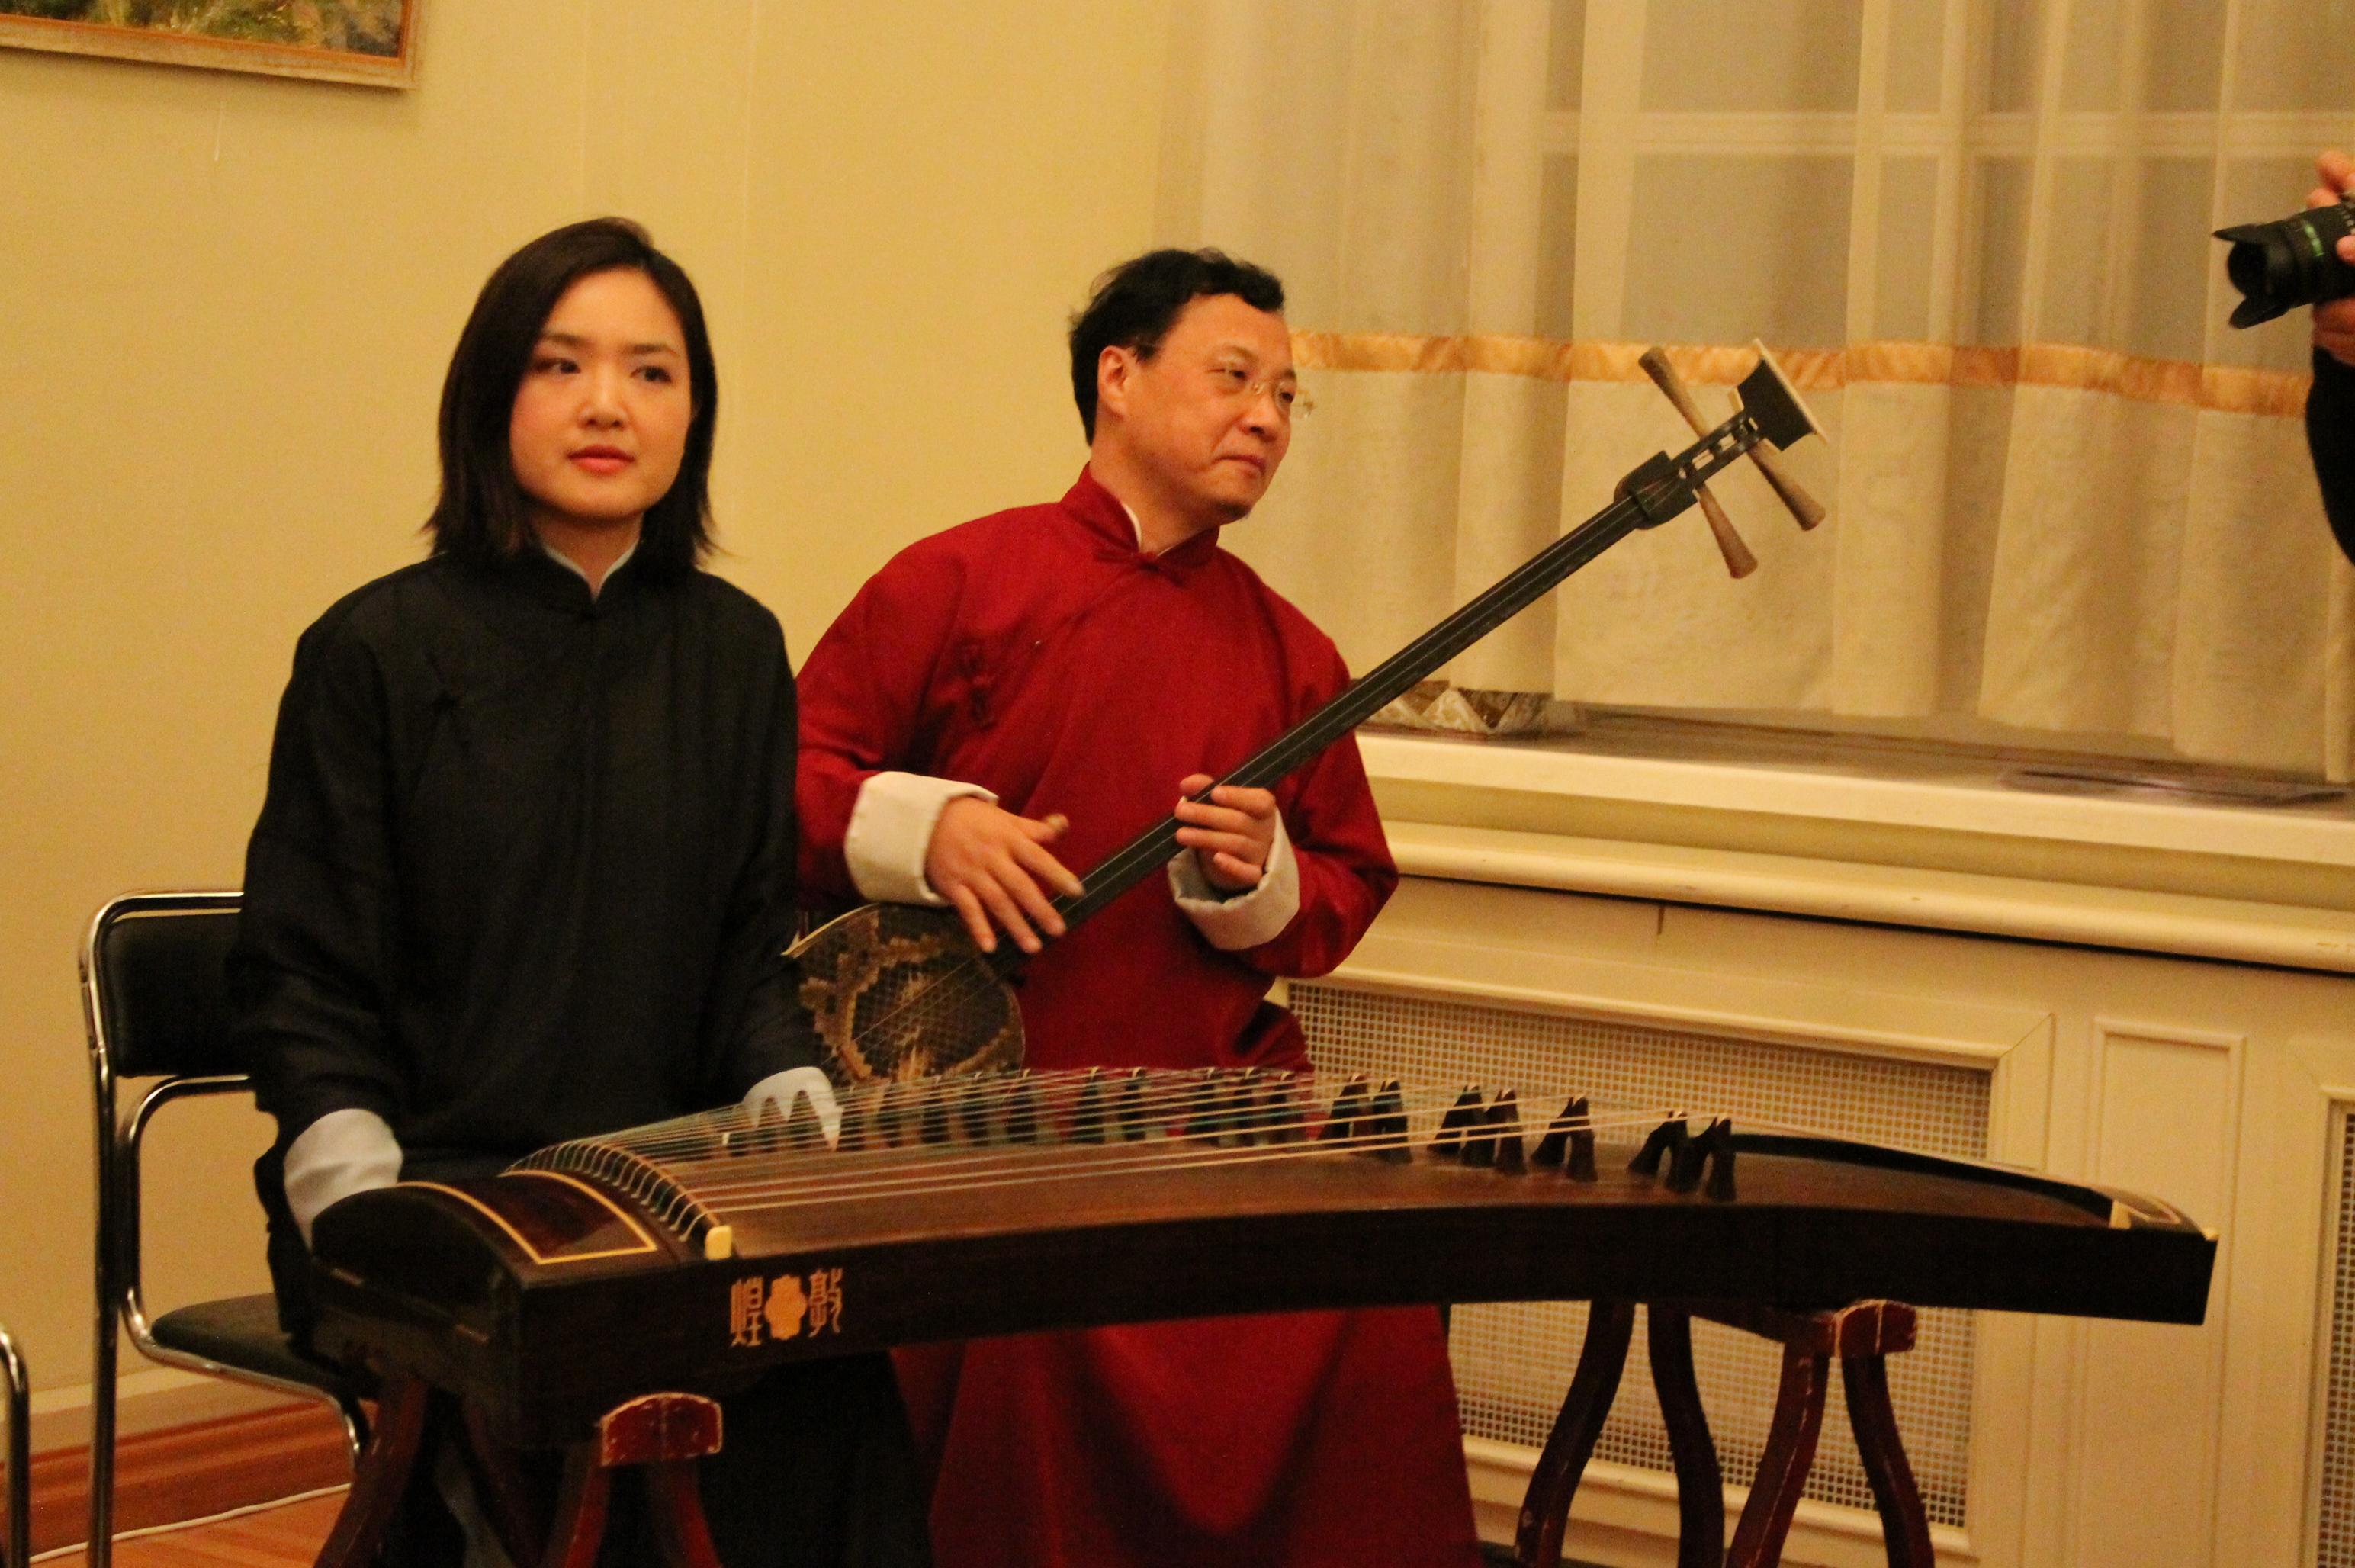 Оркестр из Гонконга привез в Екатеринбург старинные китайские инструменты